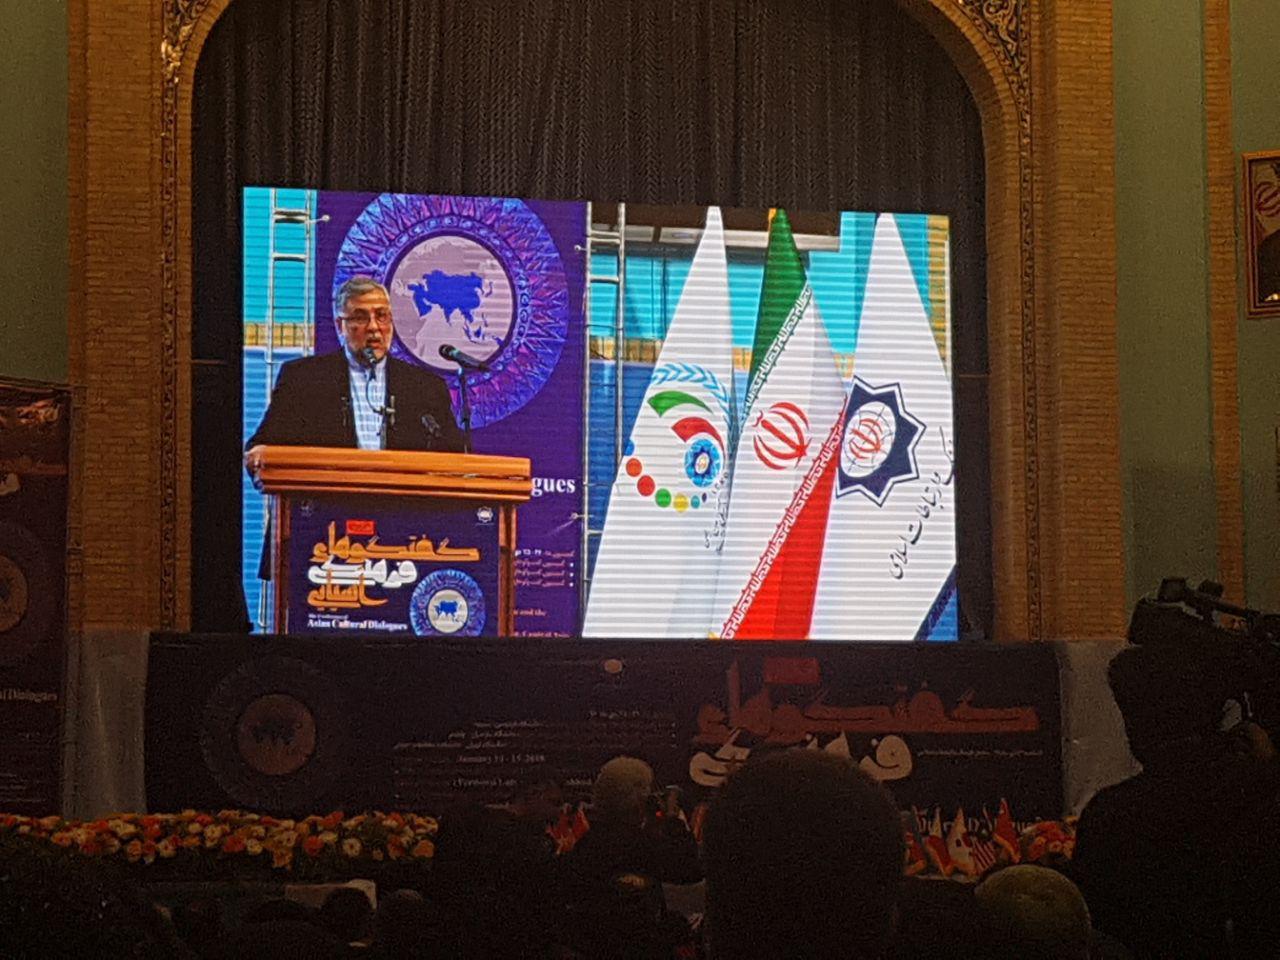 بدء اعمال الملتقي الأول للحوار الثقافي الأسيوي في طهران